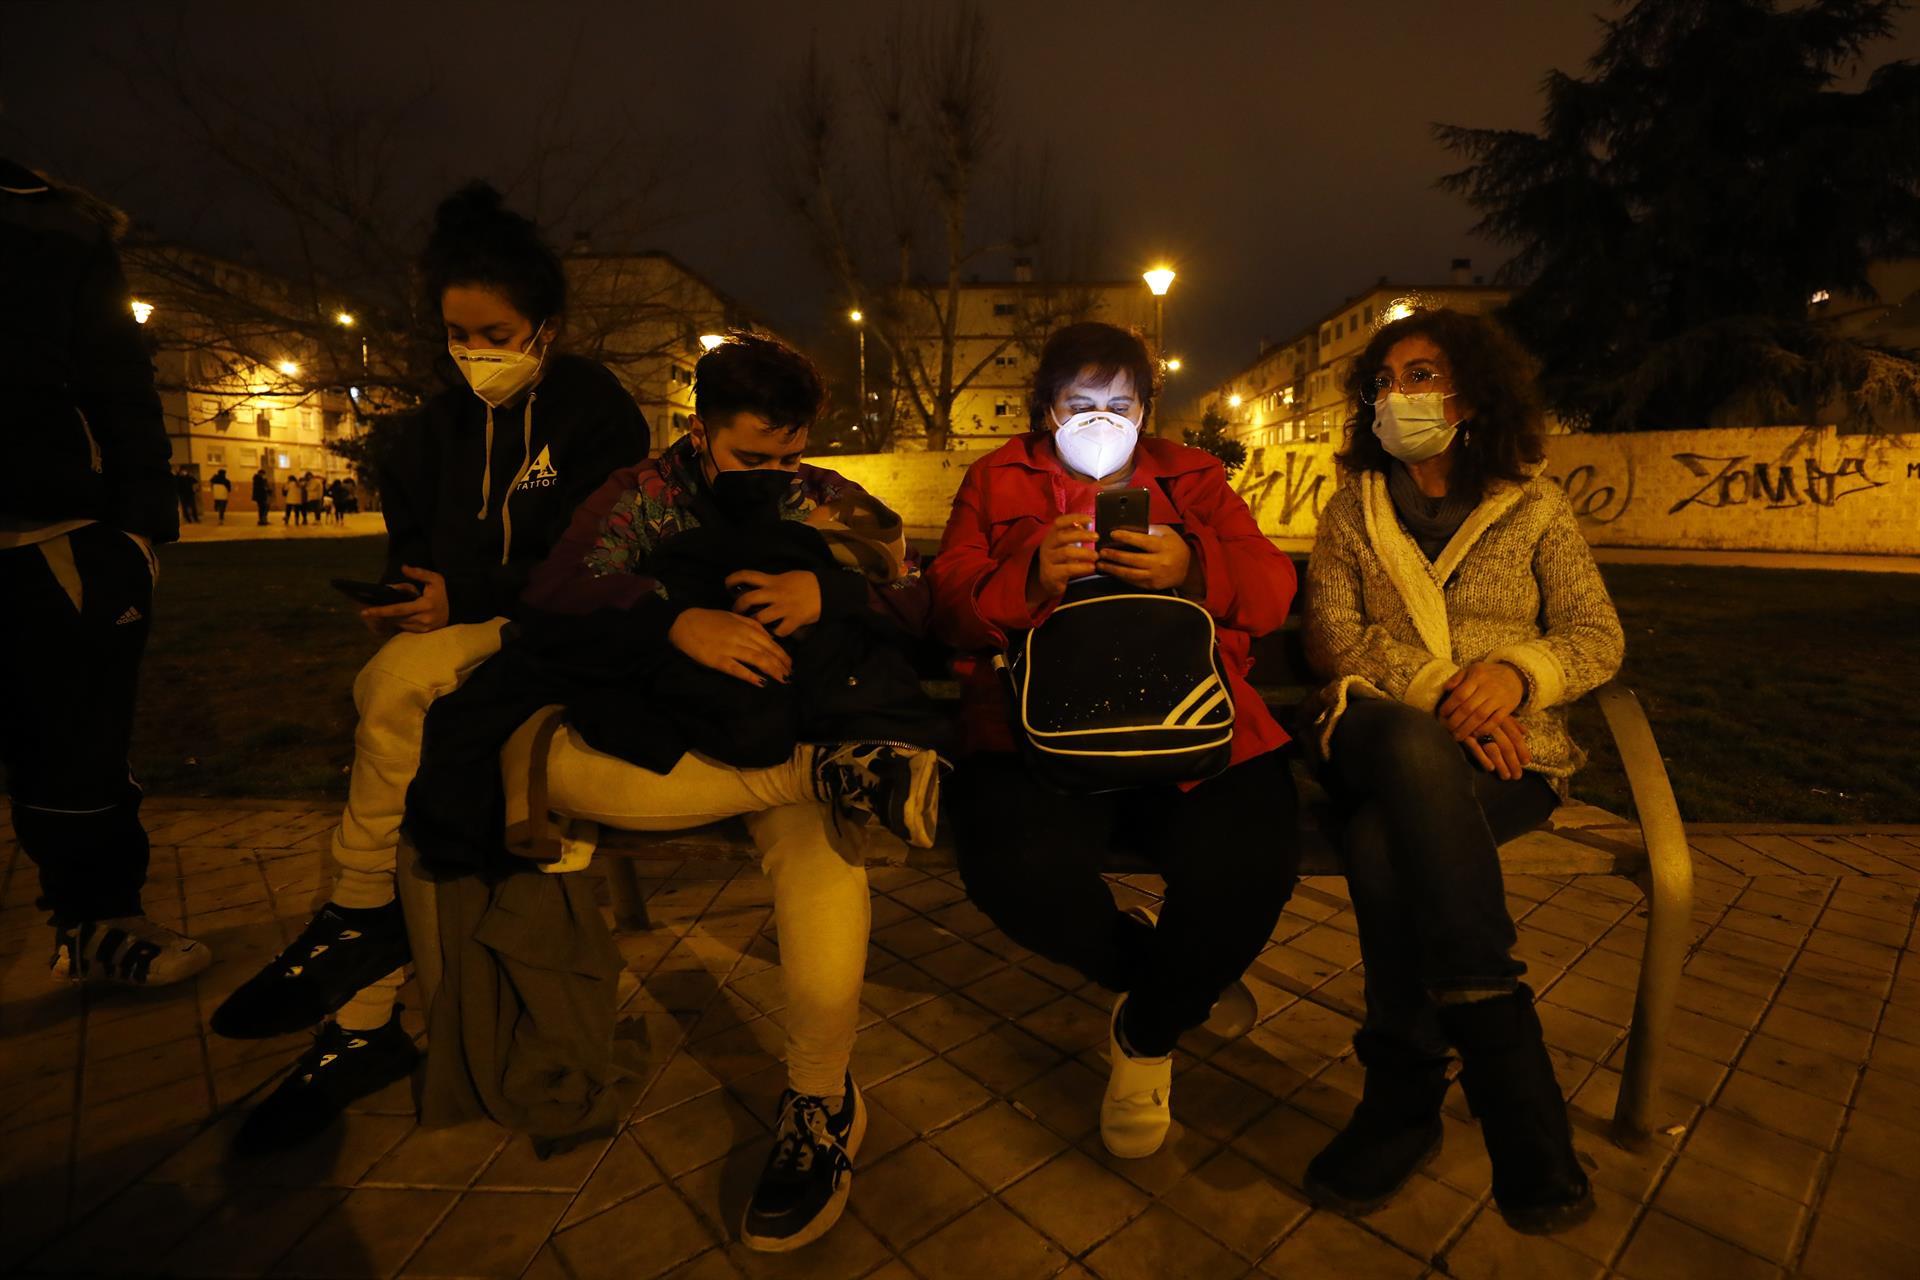 Los geólogos descartan terremotos como los de Chile y piden aplicar en la norma sismorresistente